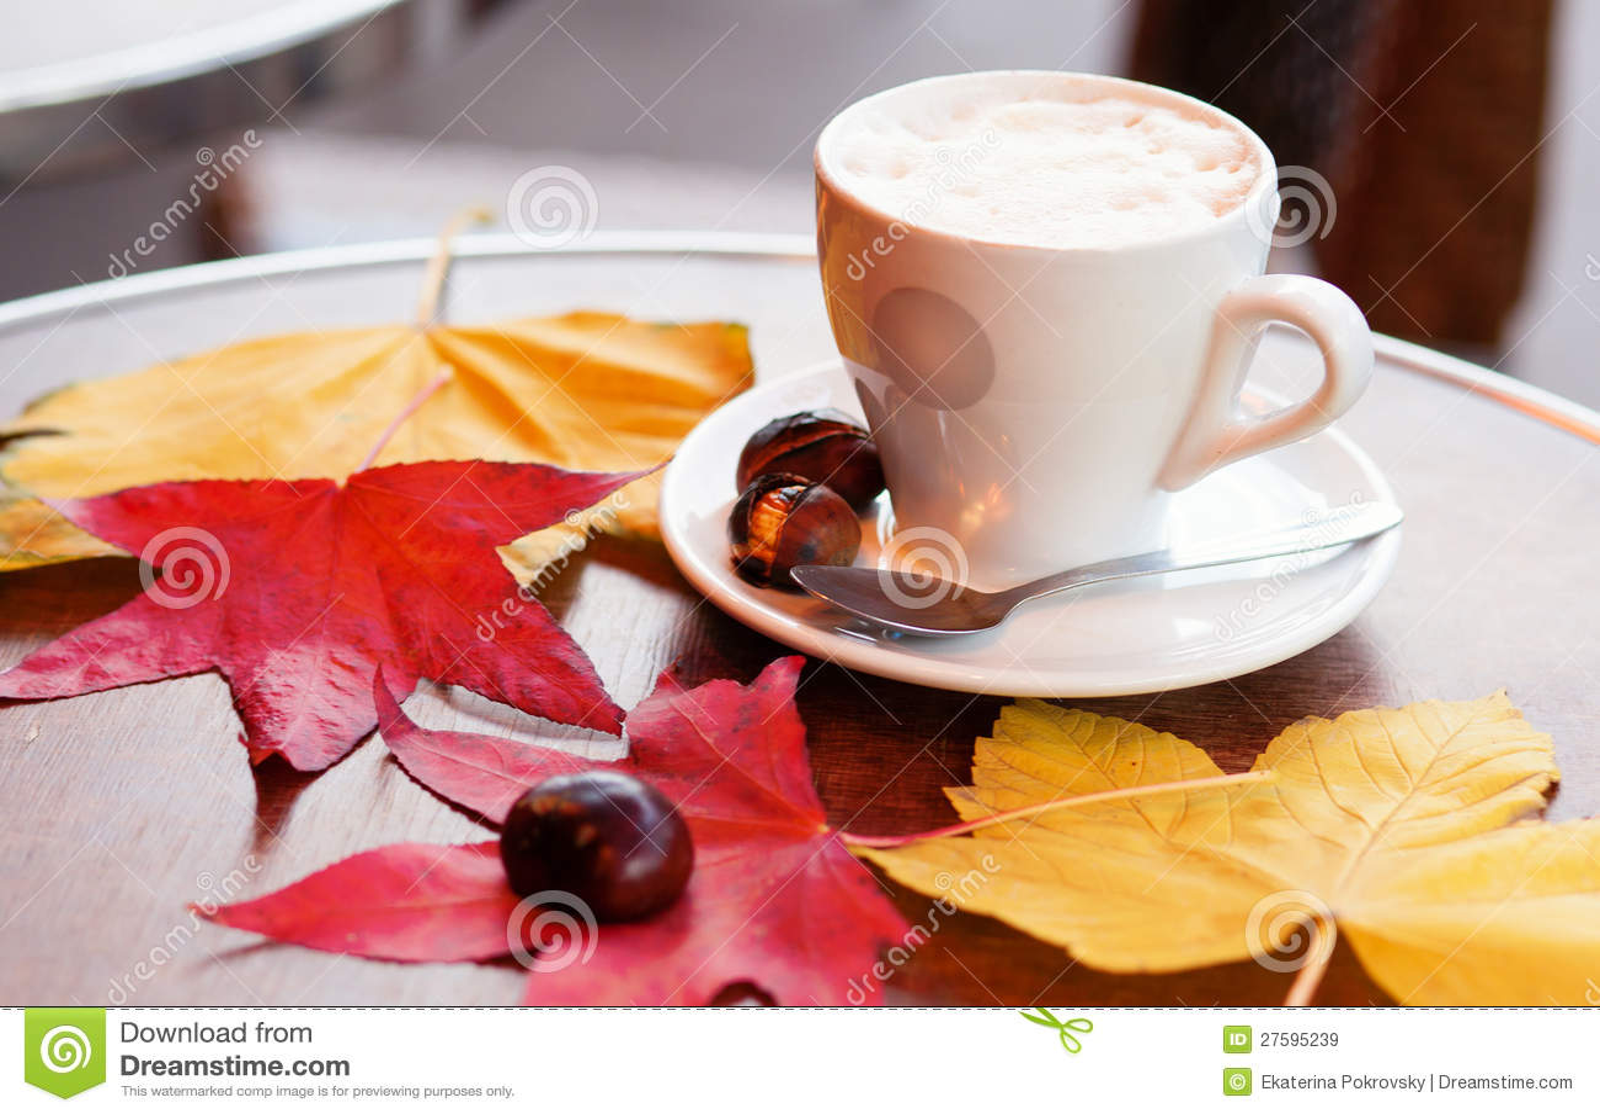 Koffie en gebakken kastanjes royalty vrije stock afbeeldingen afbeelding 27595239 - Parijs zoet ...